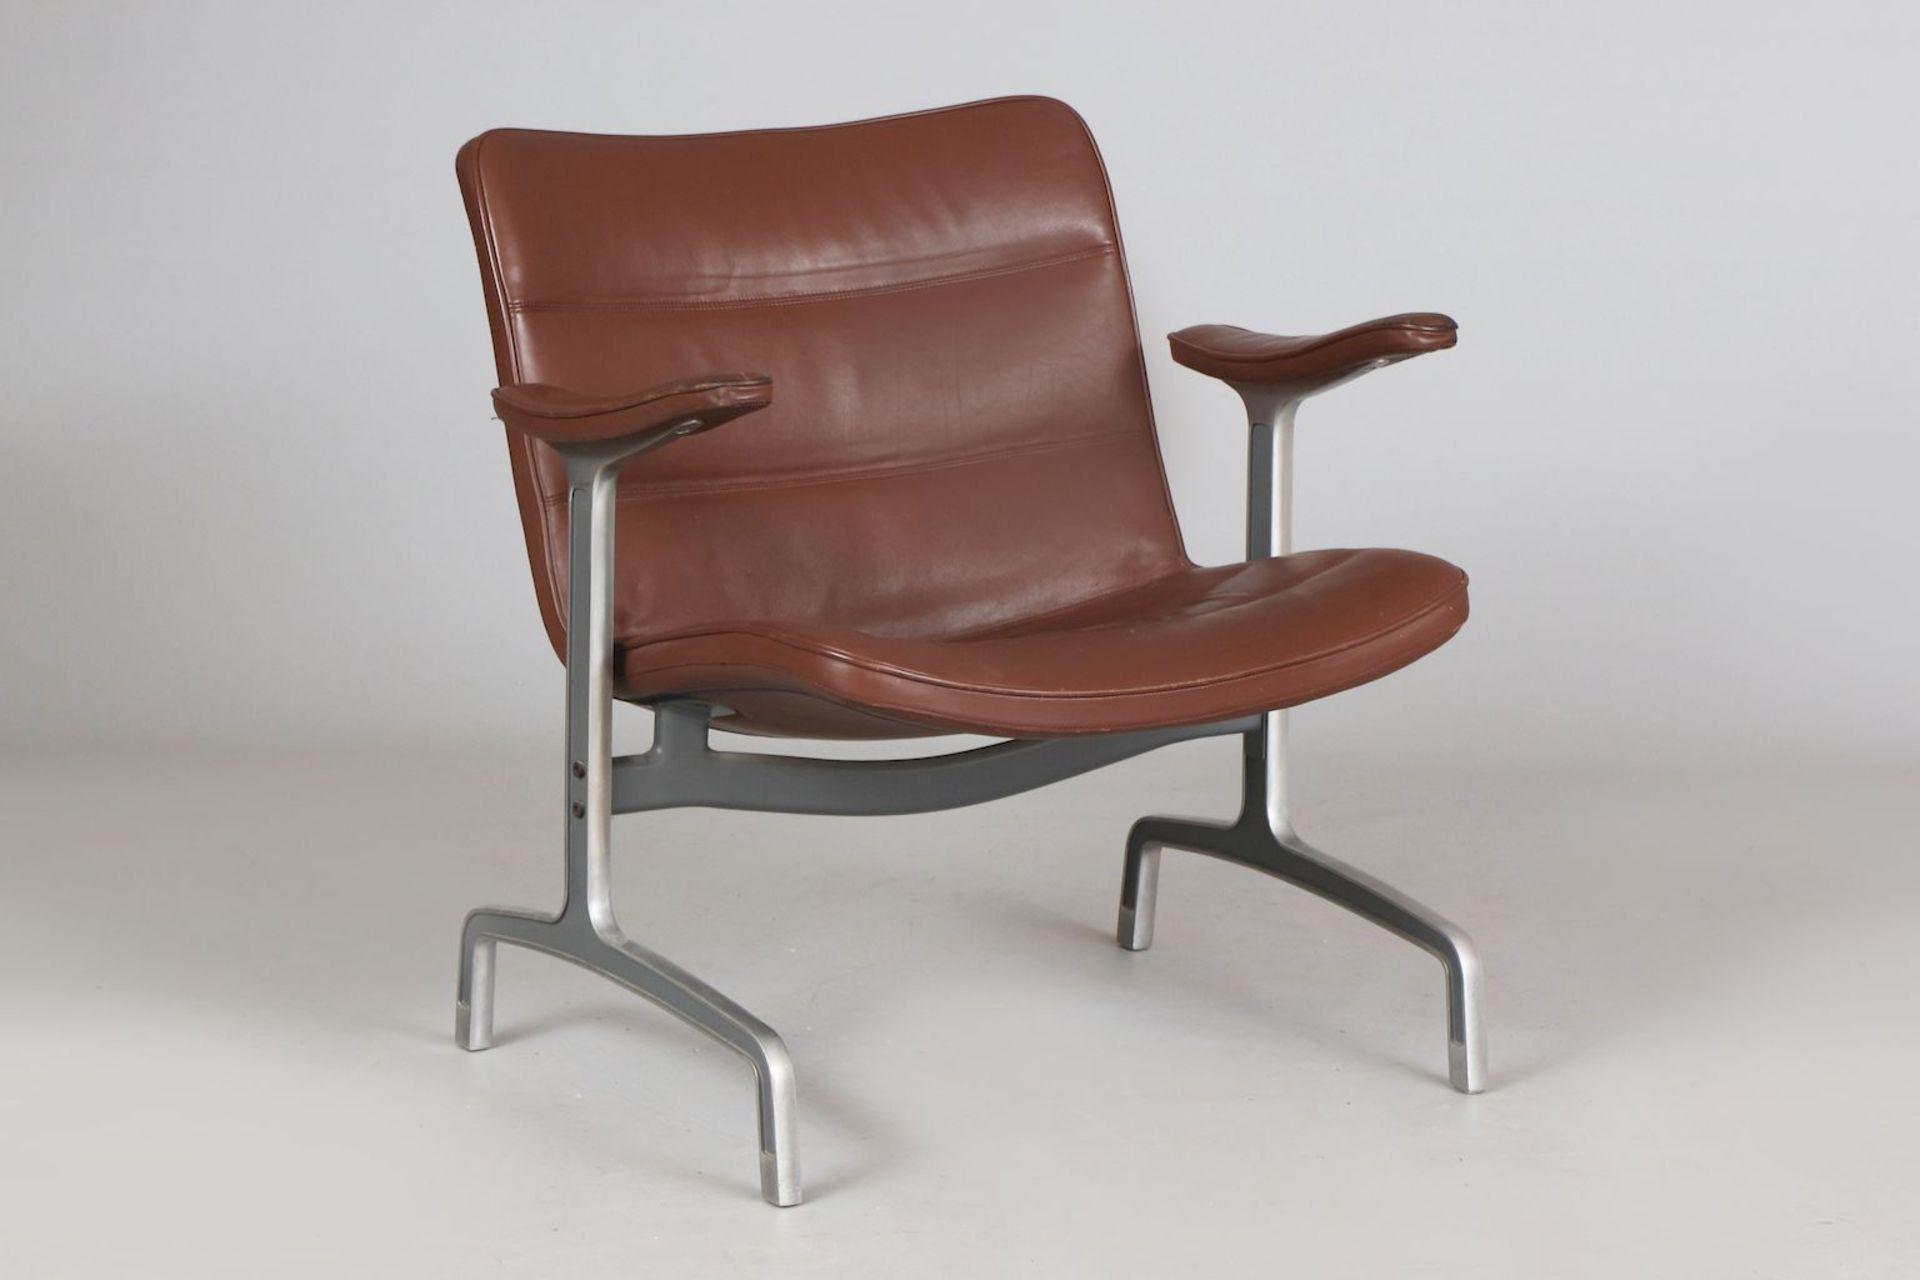 Besucher-Stuhl der 1970er Jahre